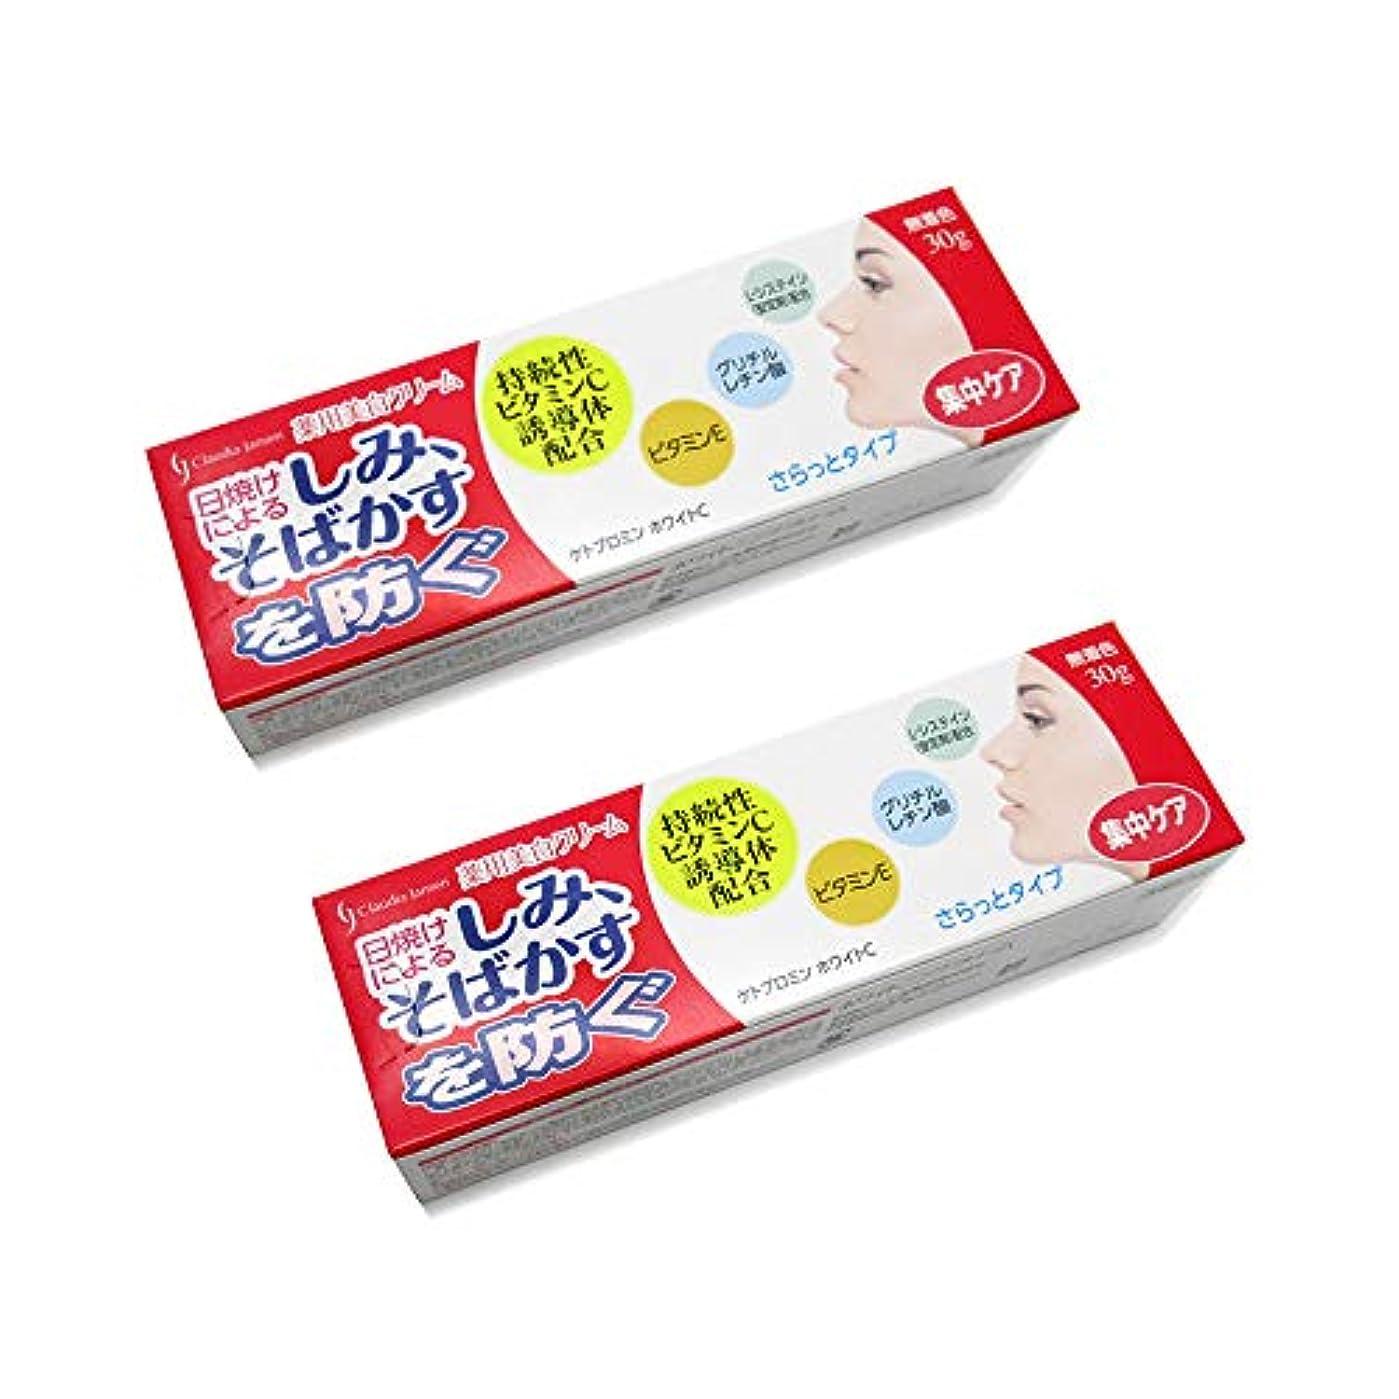 解放する達成可能枕薬用ホワイトニングクリームC 30g 2個セット 美白クリーム 薬用 美白クリーム 美白ケア 医薬部外品